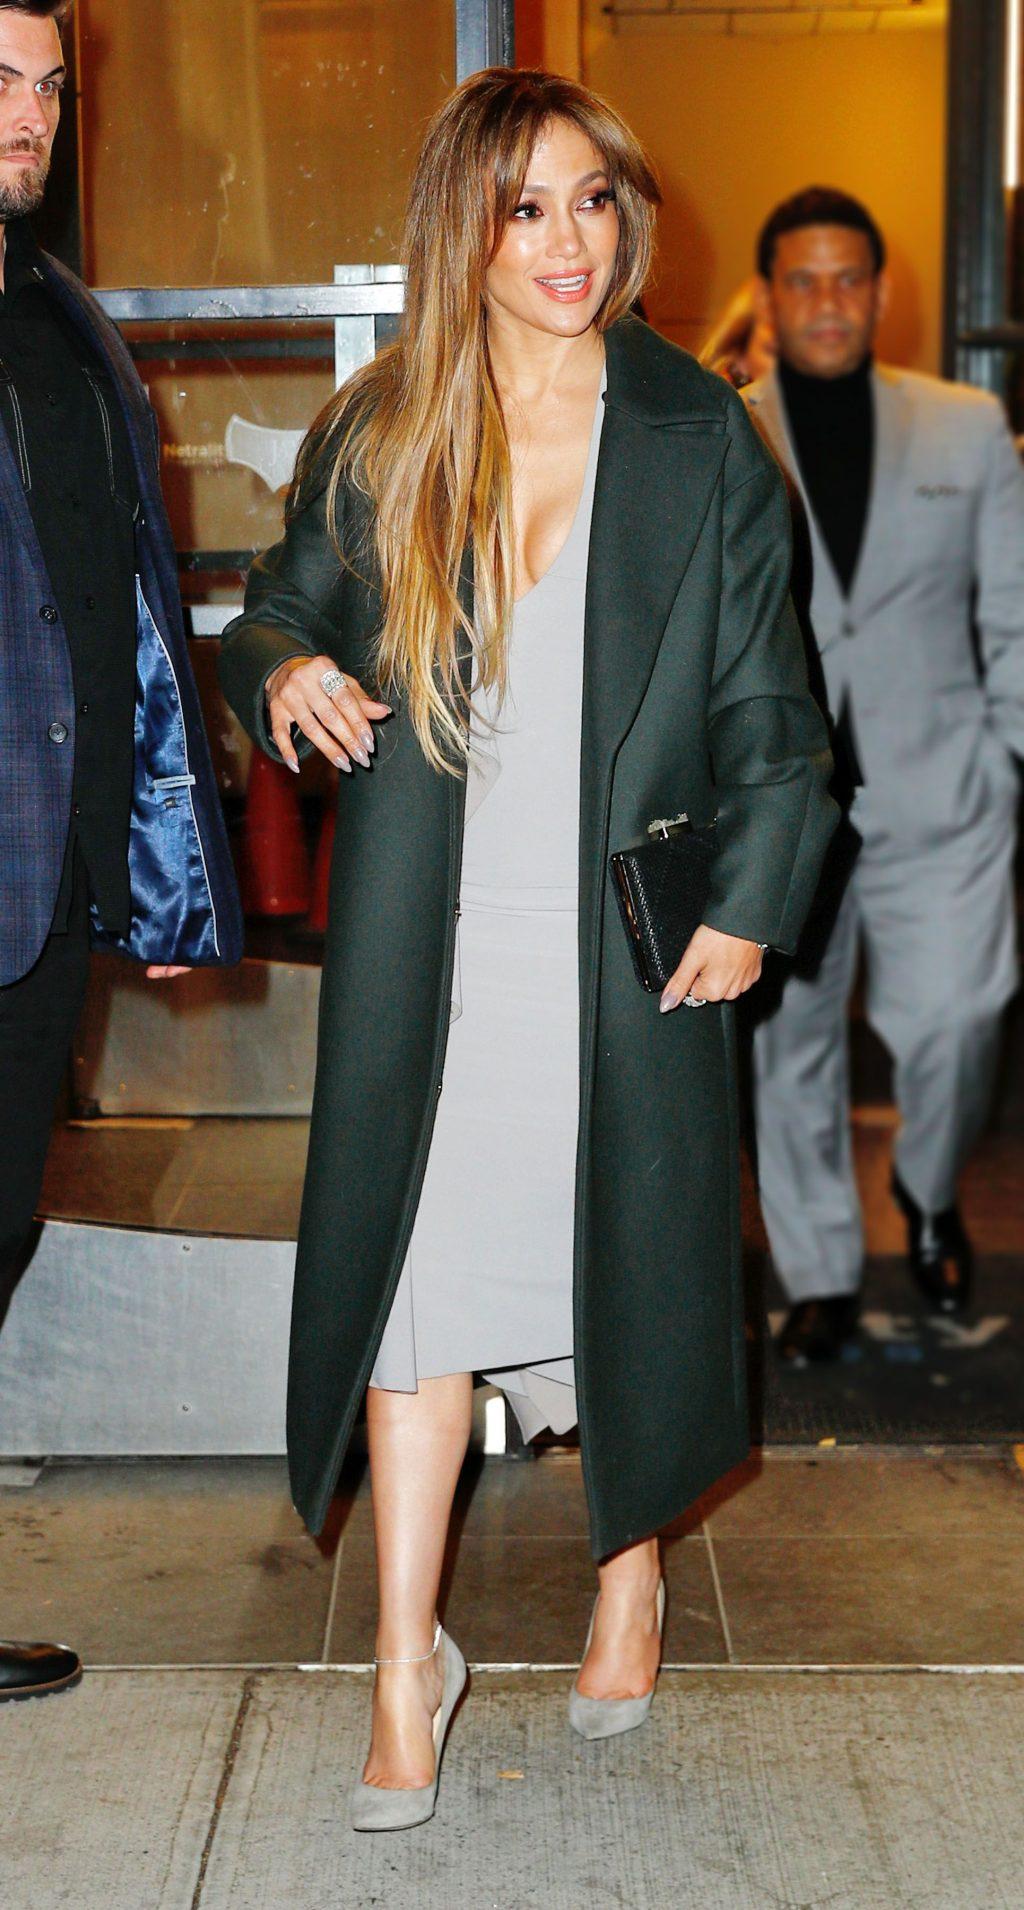 áo khoác đẹp gắn liền với Jennifer Lopez 1